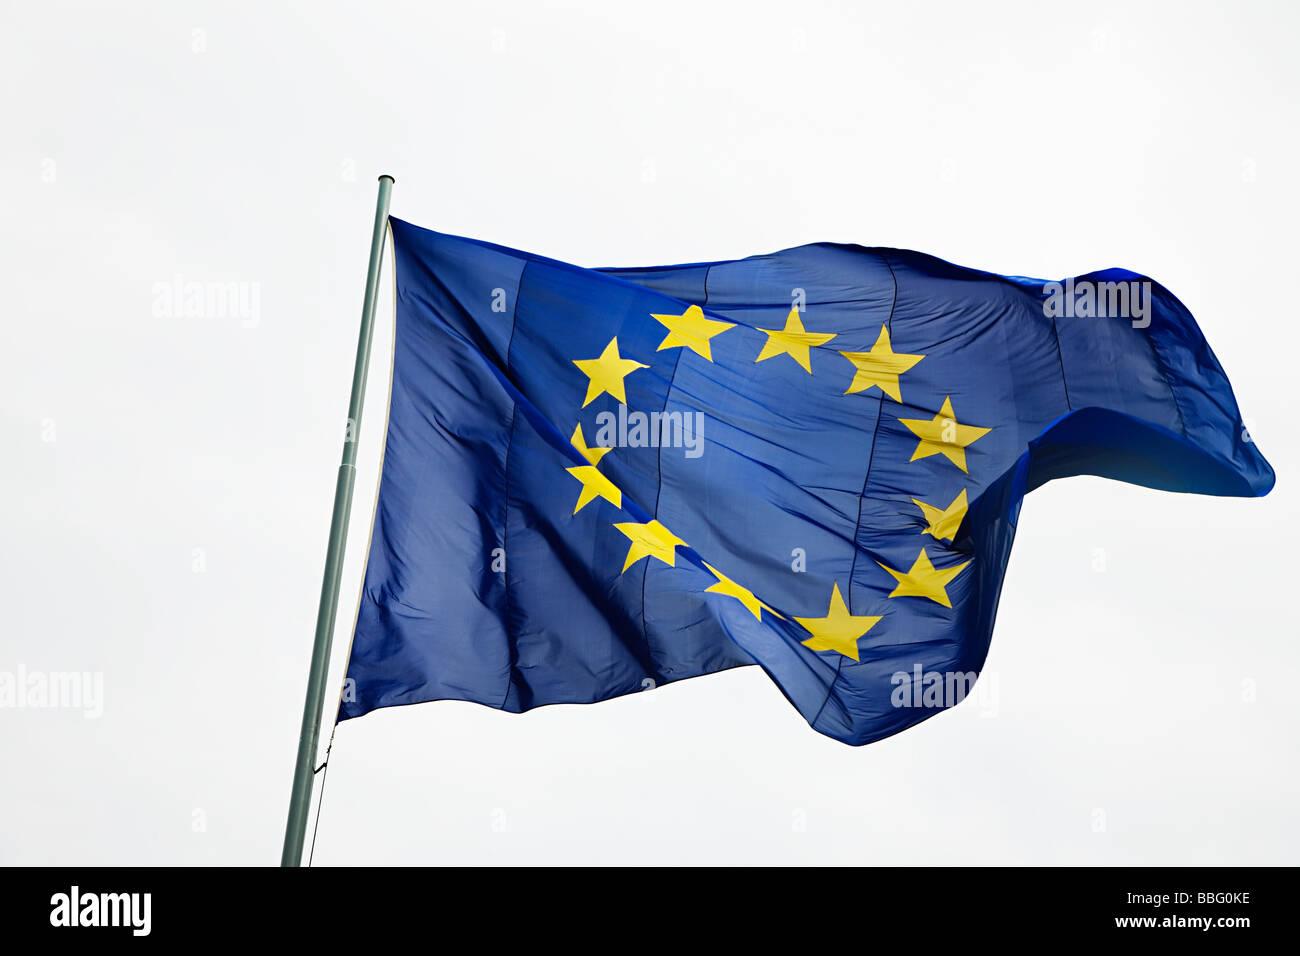 Flagge der Europäischen Gemeinschaft Stockbild